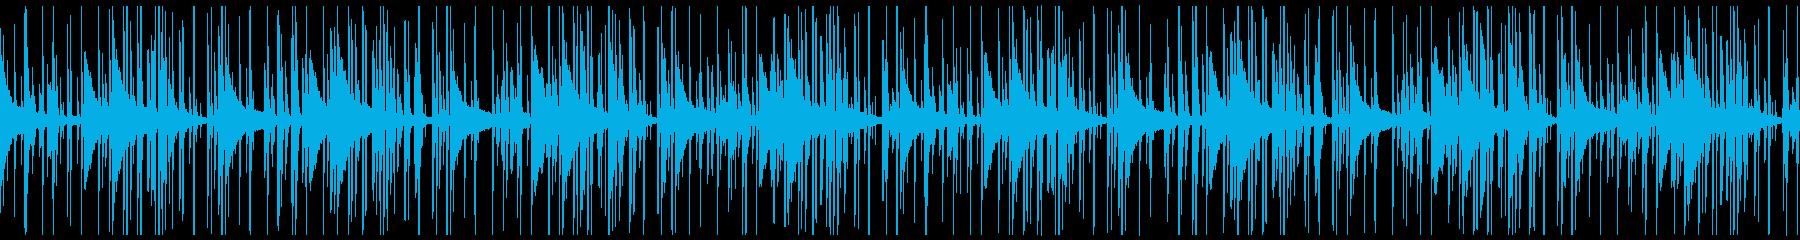 Lo-Fiビート_レトロなピアノループの再生済みの波形